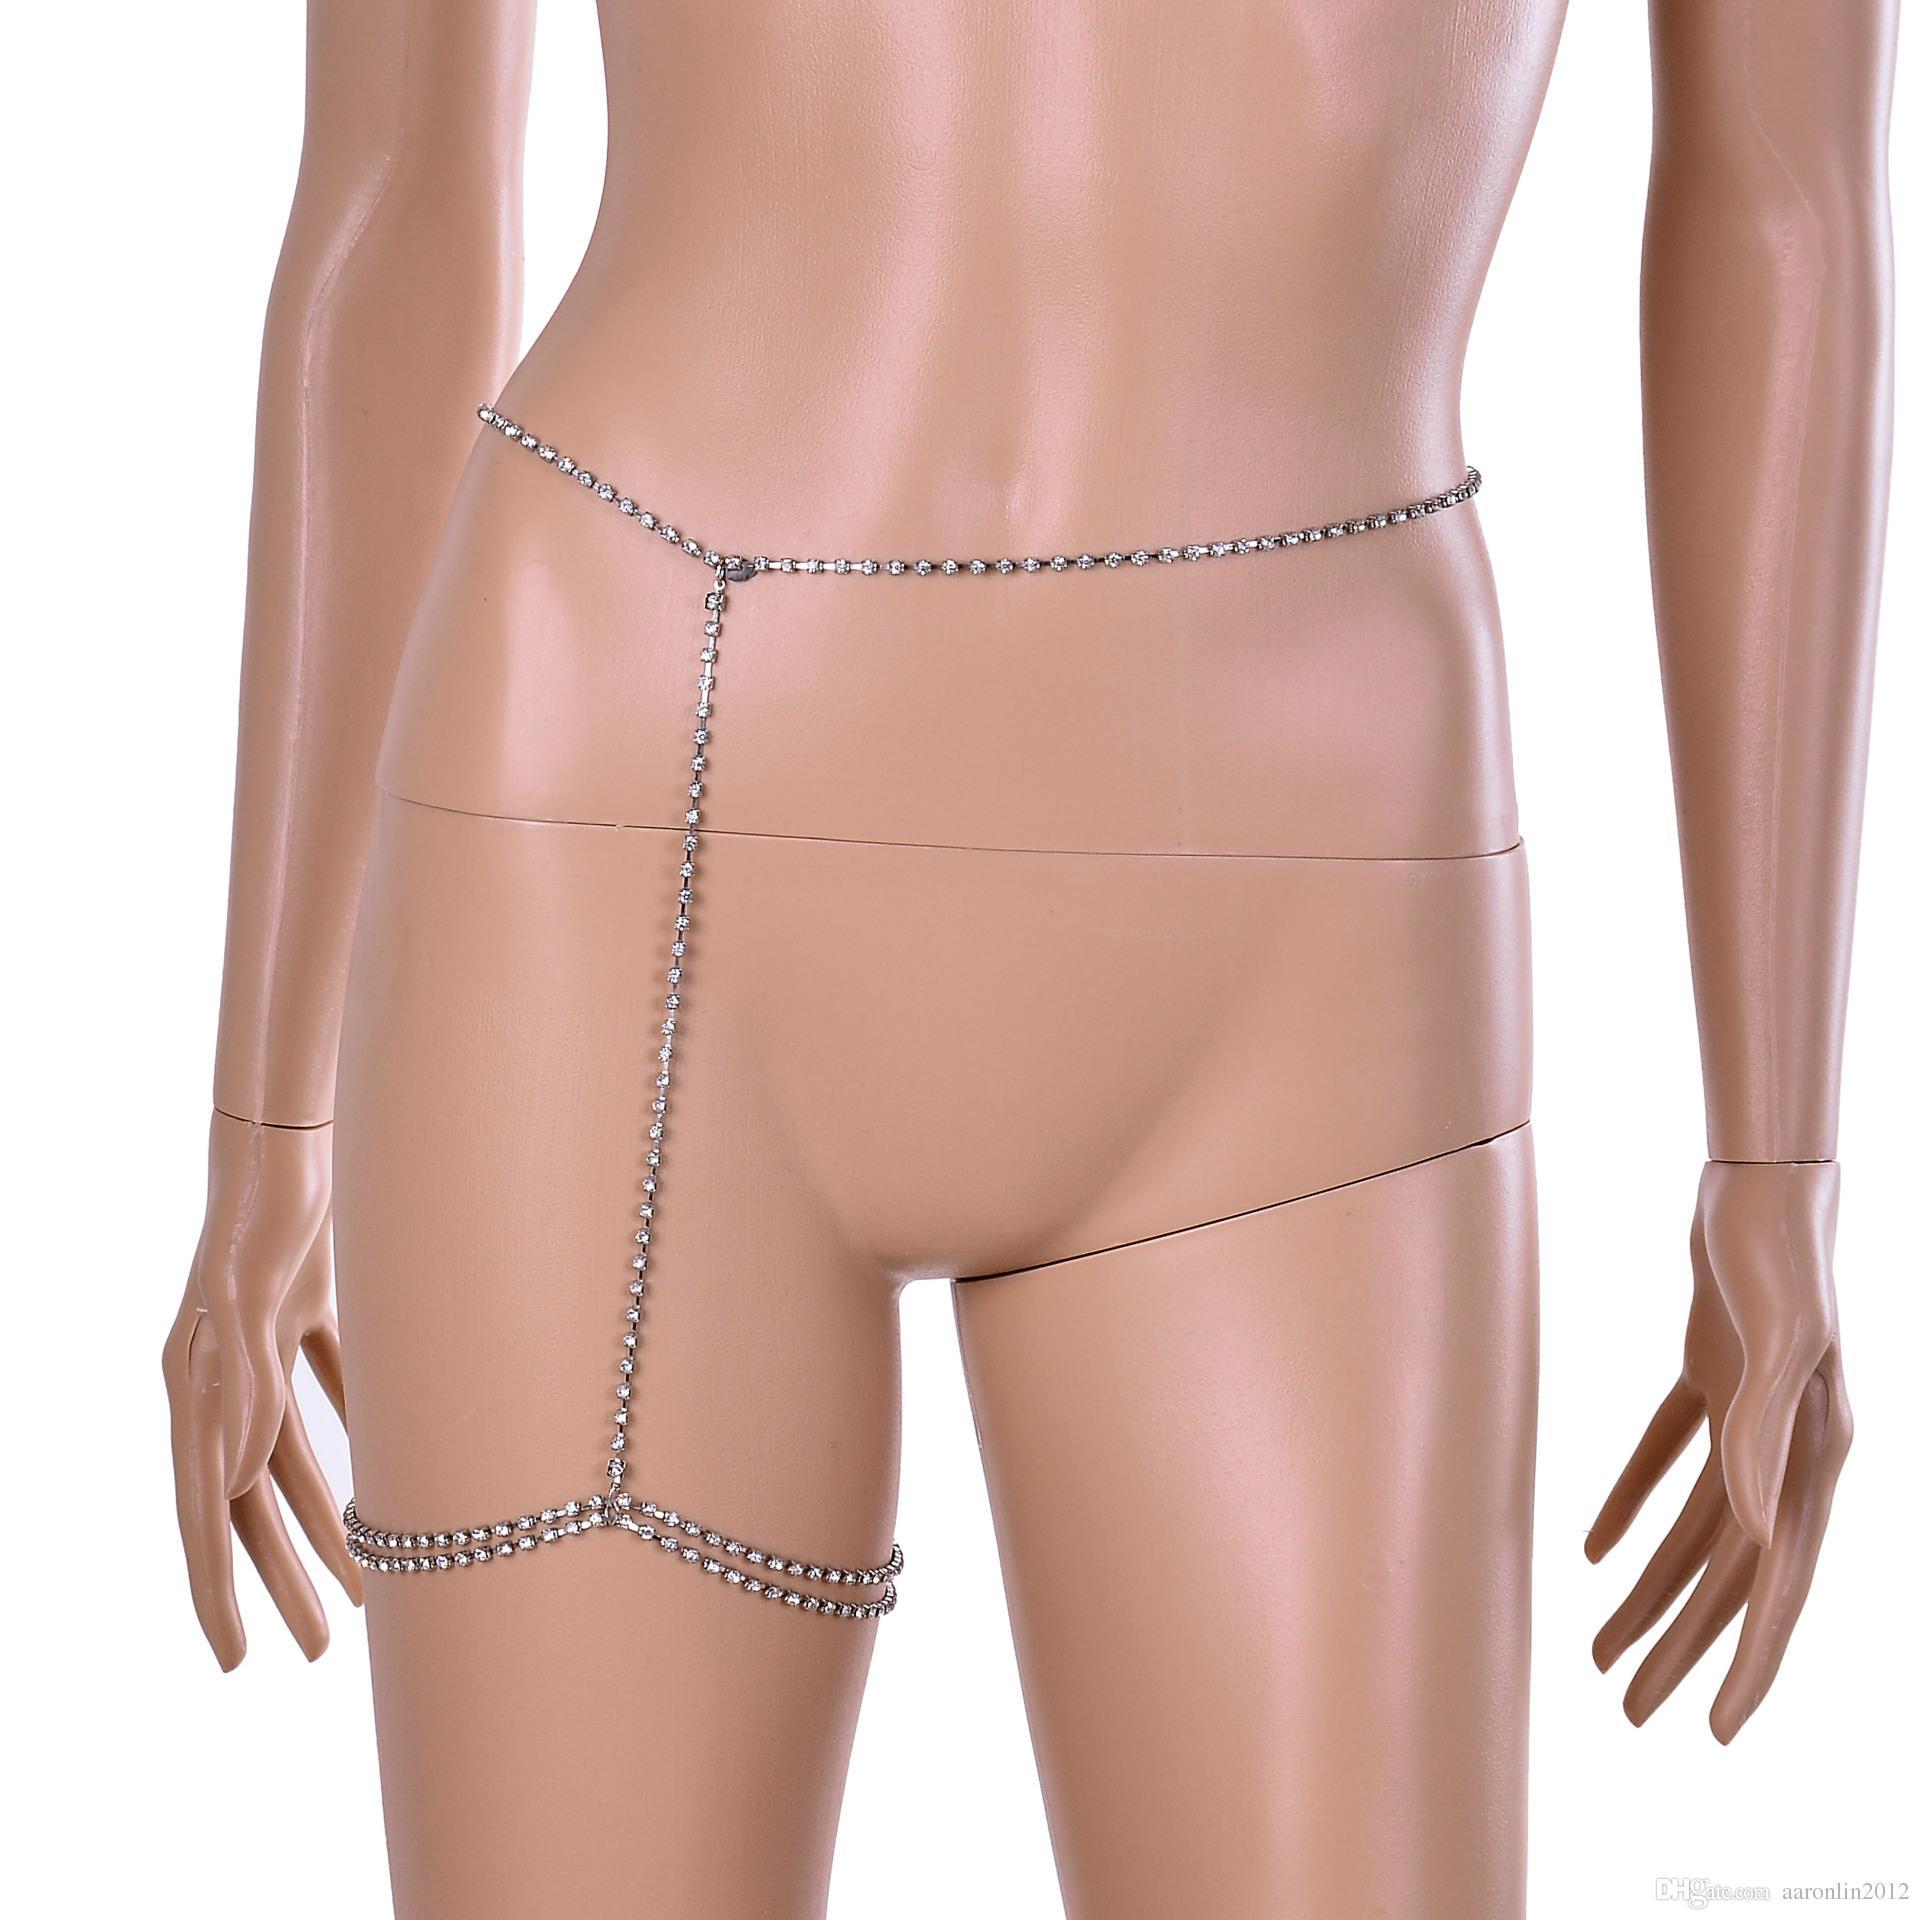 أزياء العلامة التجارية كريستال الساق سلسلة هيئة المجوهرات مثير النساء حجر الراين خلخال سلاسل البطن هندسية نادي ليلة روك الجسم سلسلة 2017